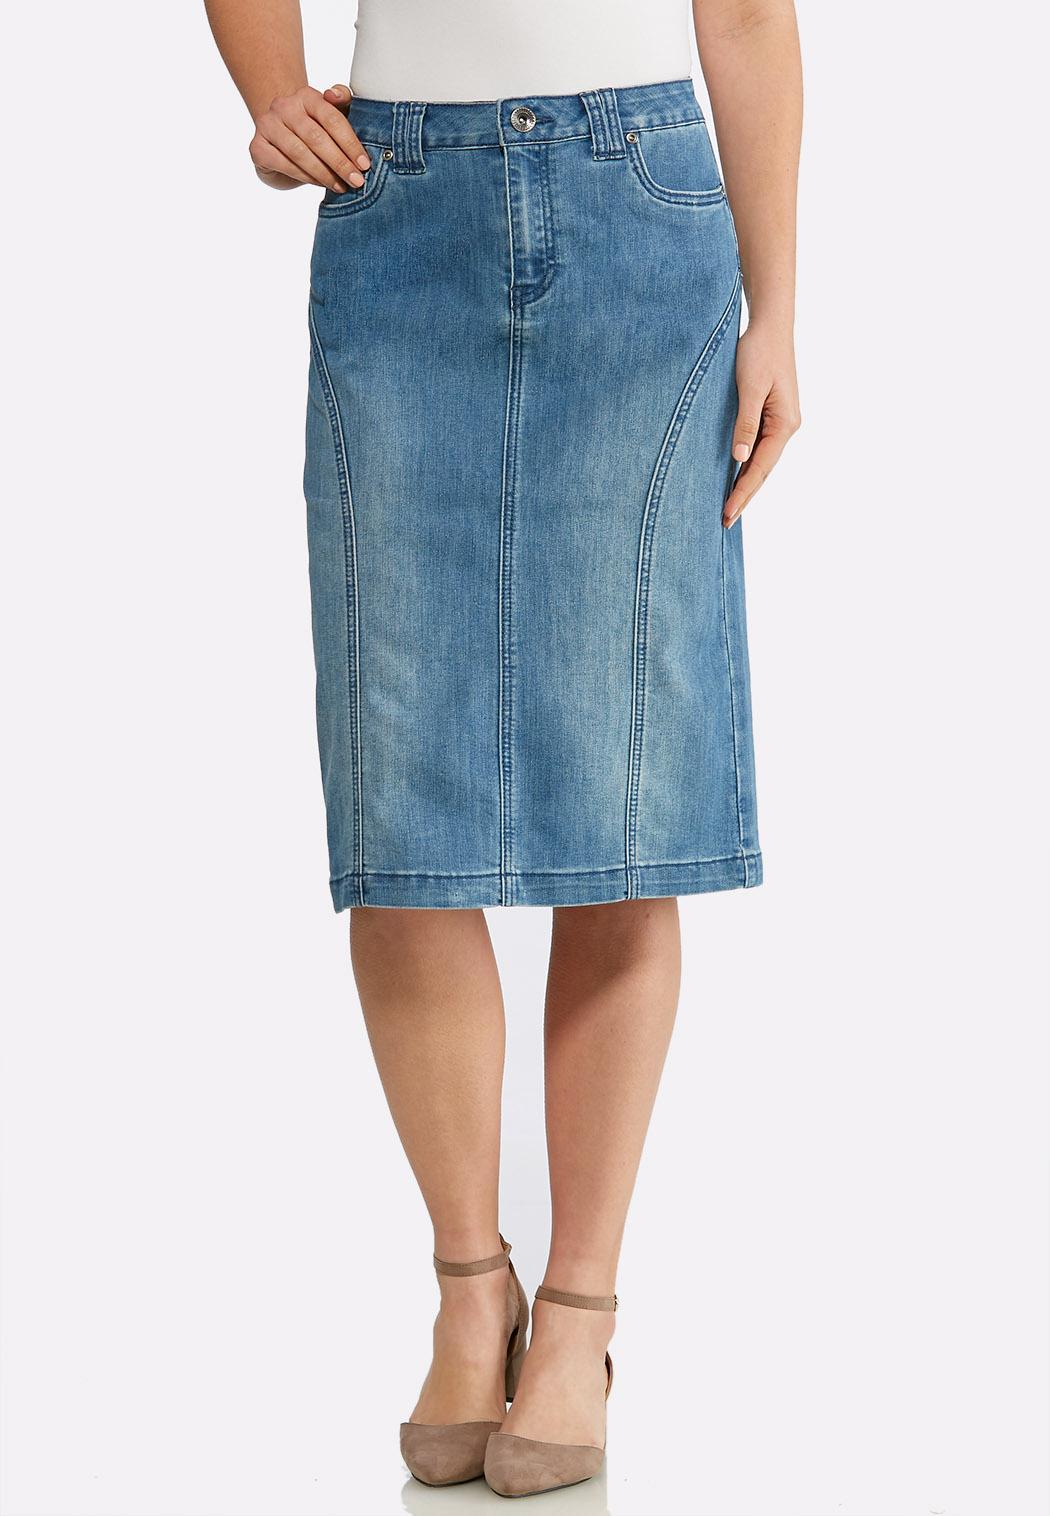 d6da4c4d09b27 Women s Long Skirts